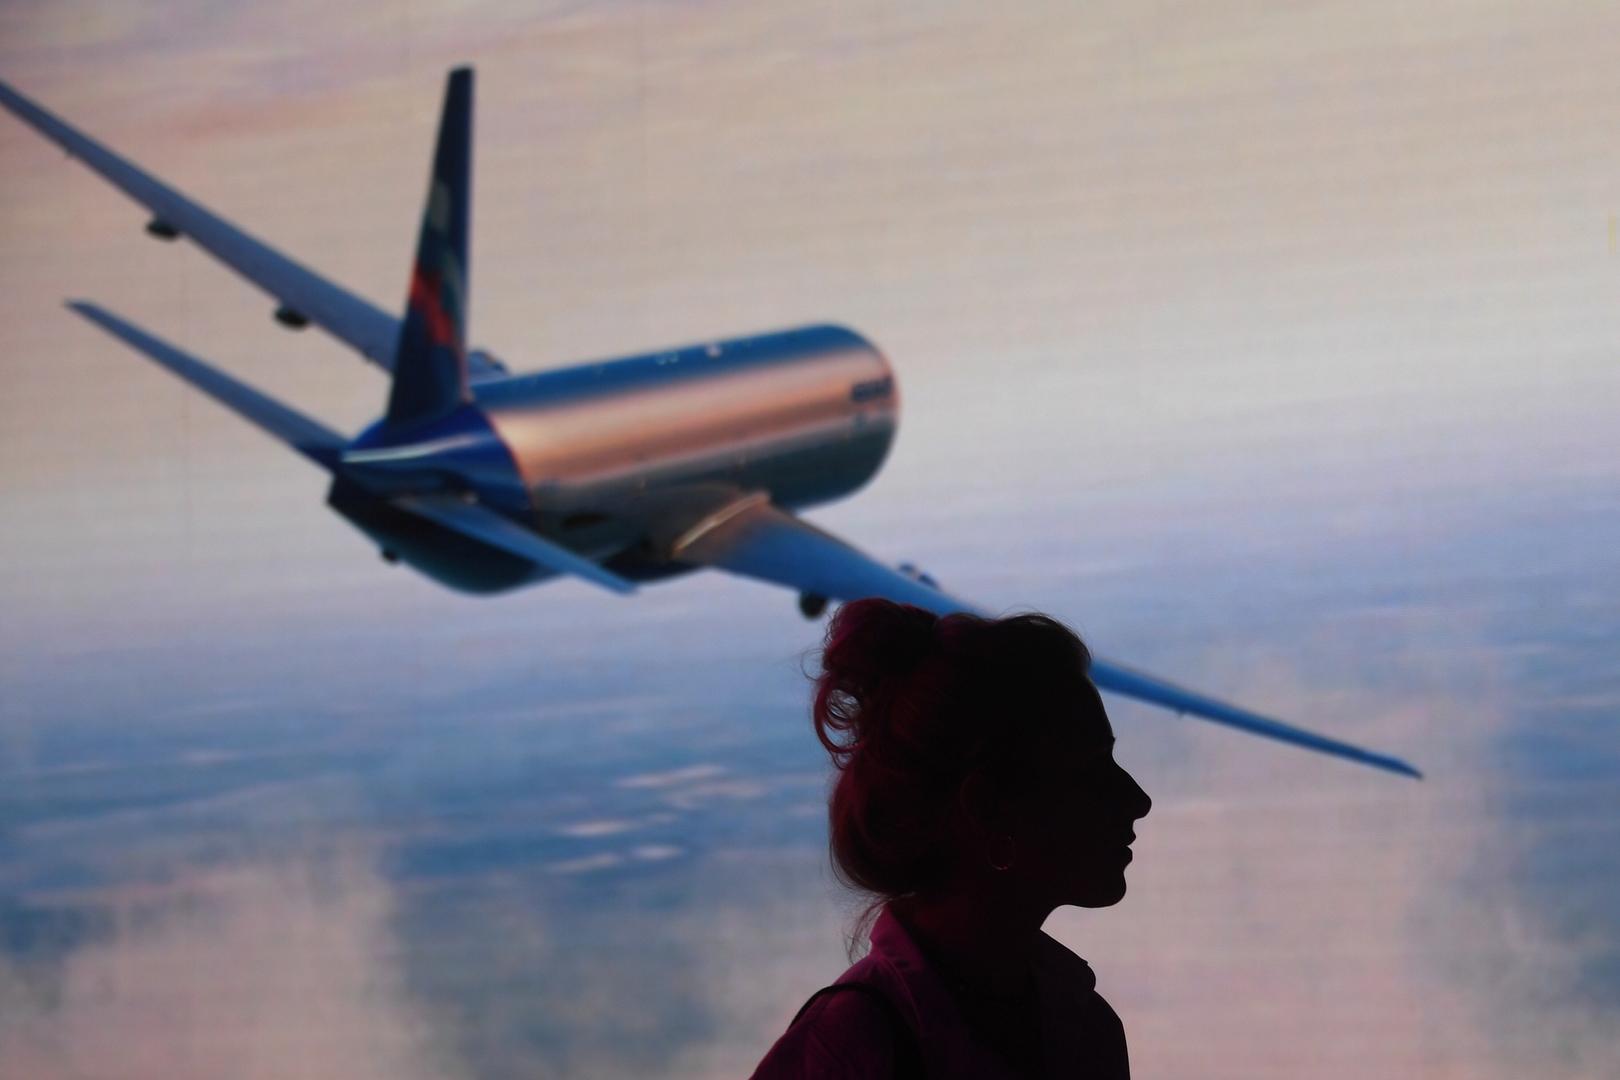 ارتفاع عدد الرحلات الجوية بين روسيا ومصر اعتبارا من اليوم